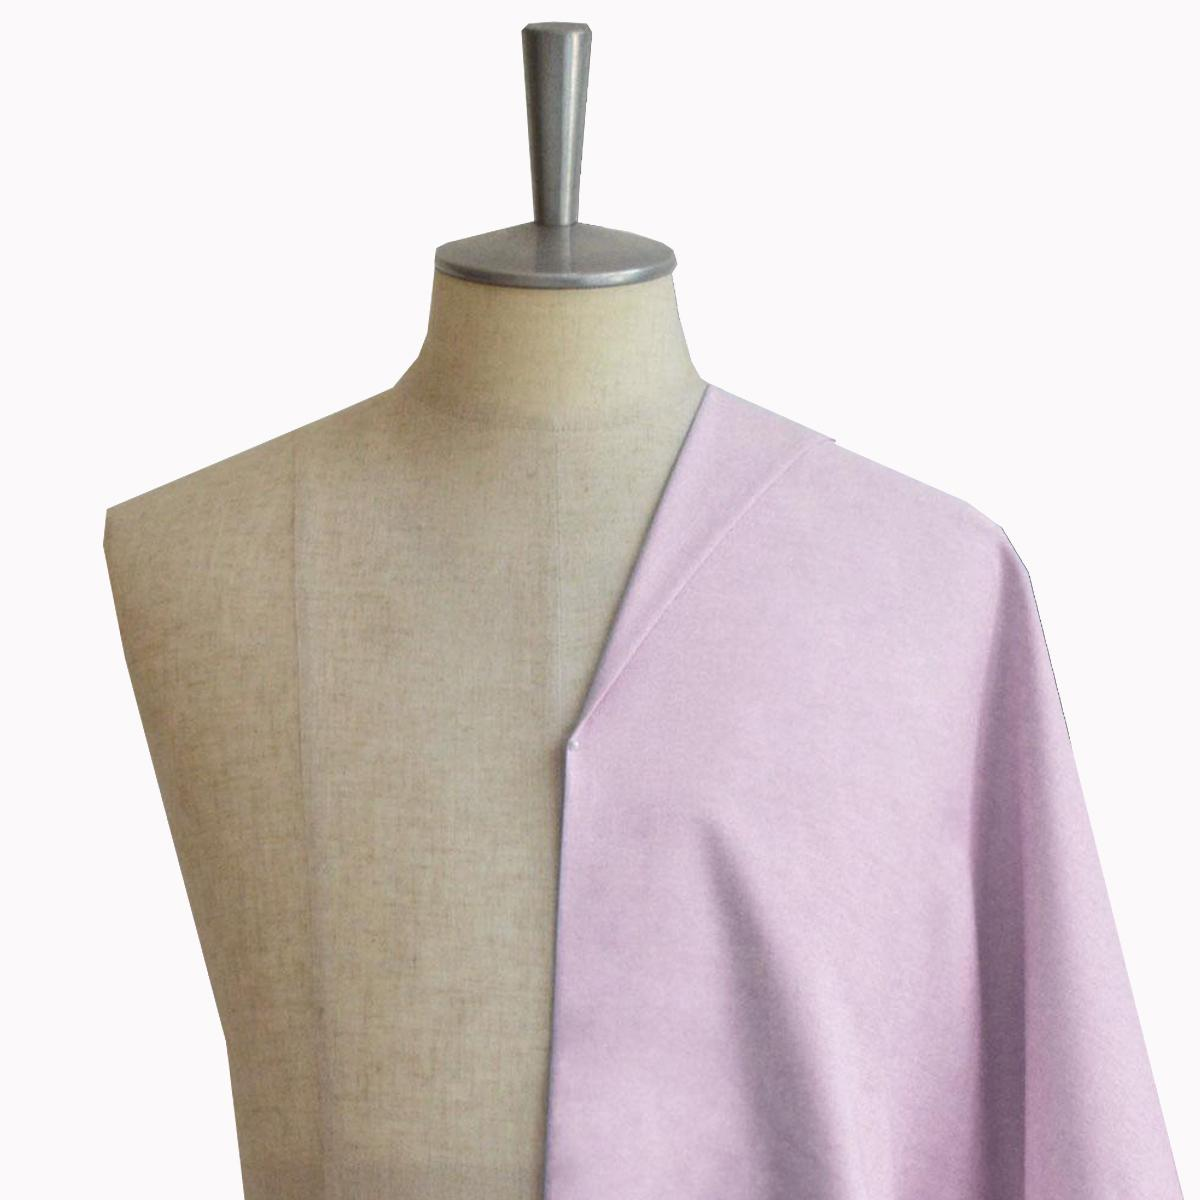 [オーダーシャツ]【Stretch】華やかなピンク、スーピマコットンを使ったオクスフォード生地